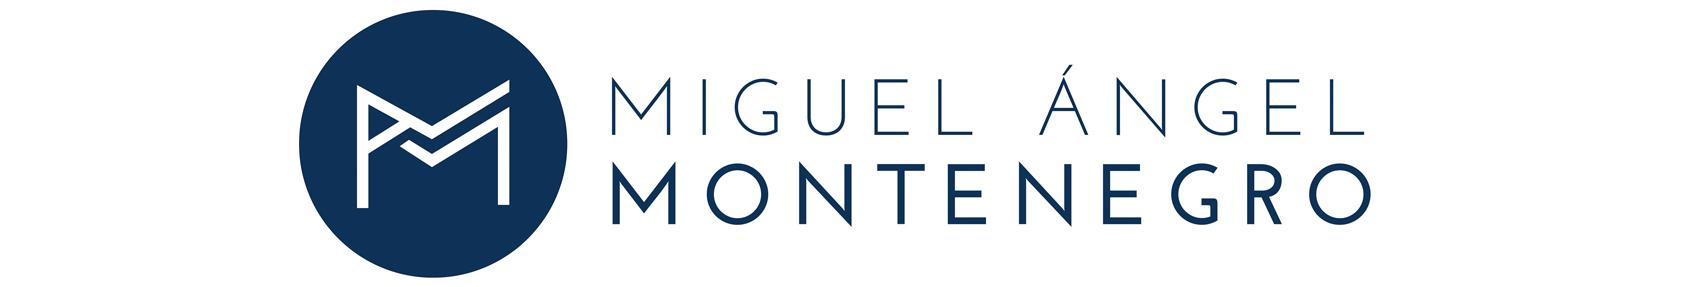 Miguel Ángel Montenegro